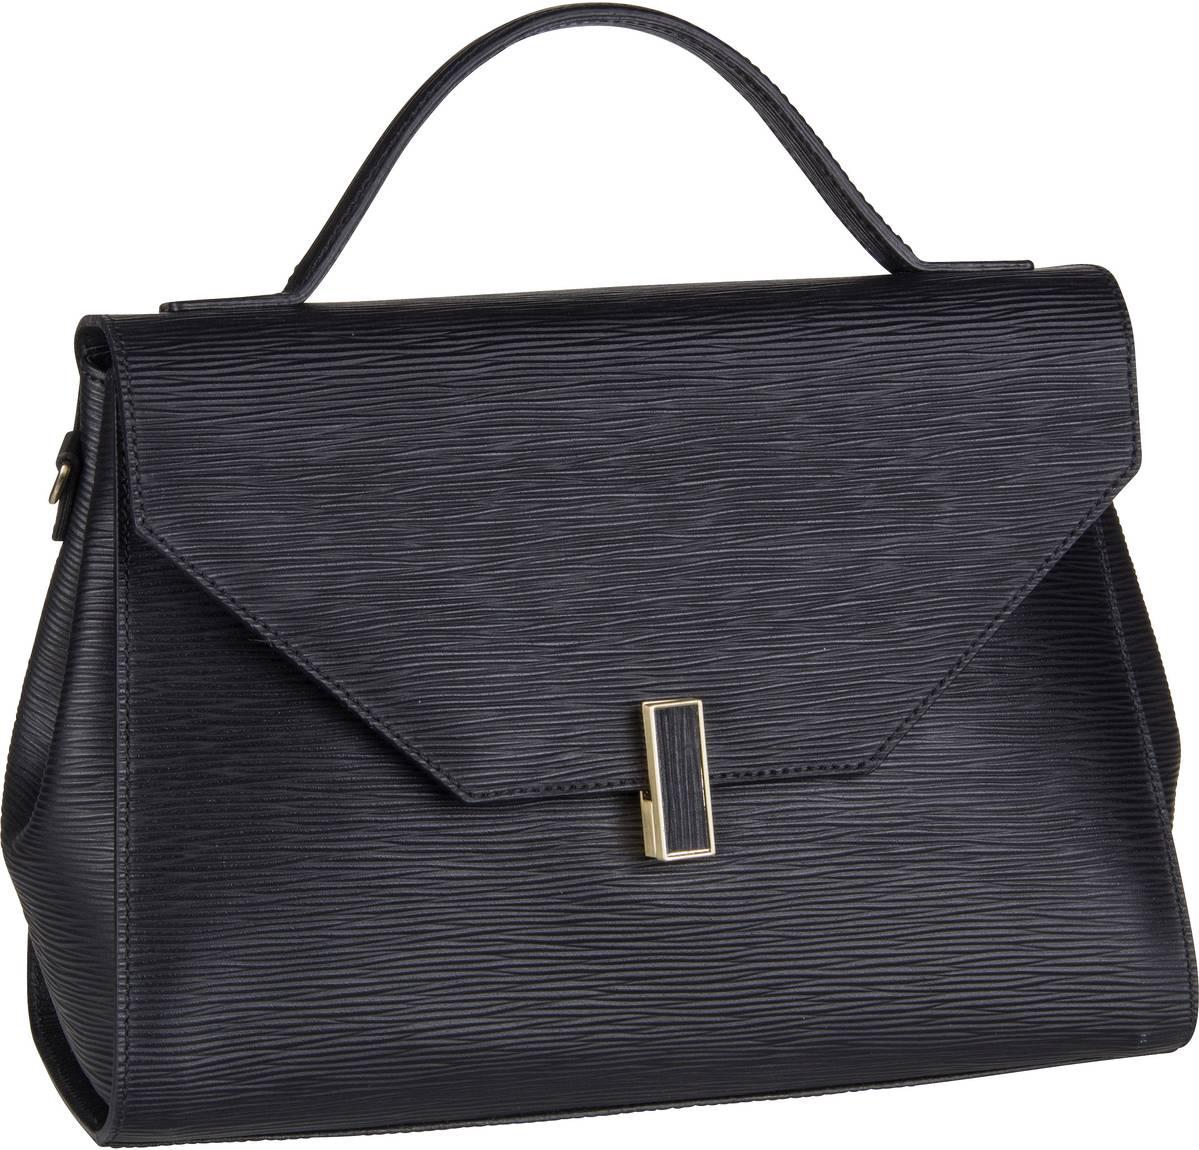 Handtasche Vanity 4832 Schwarz